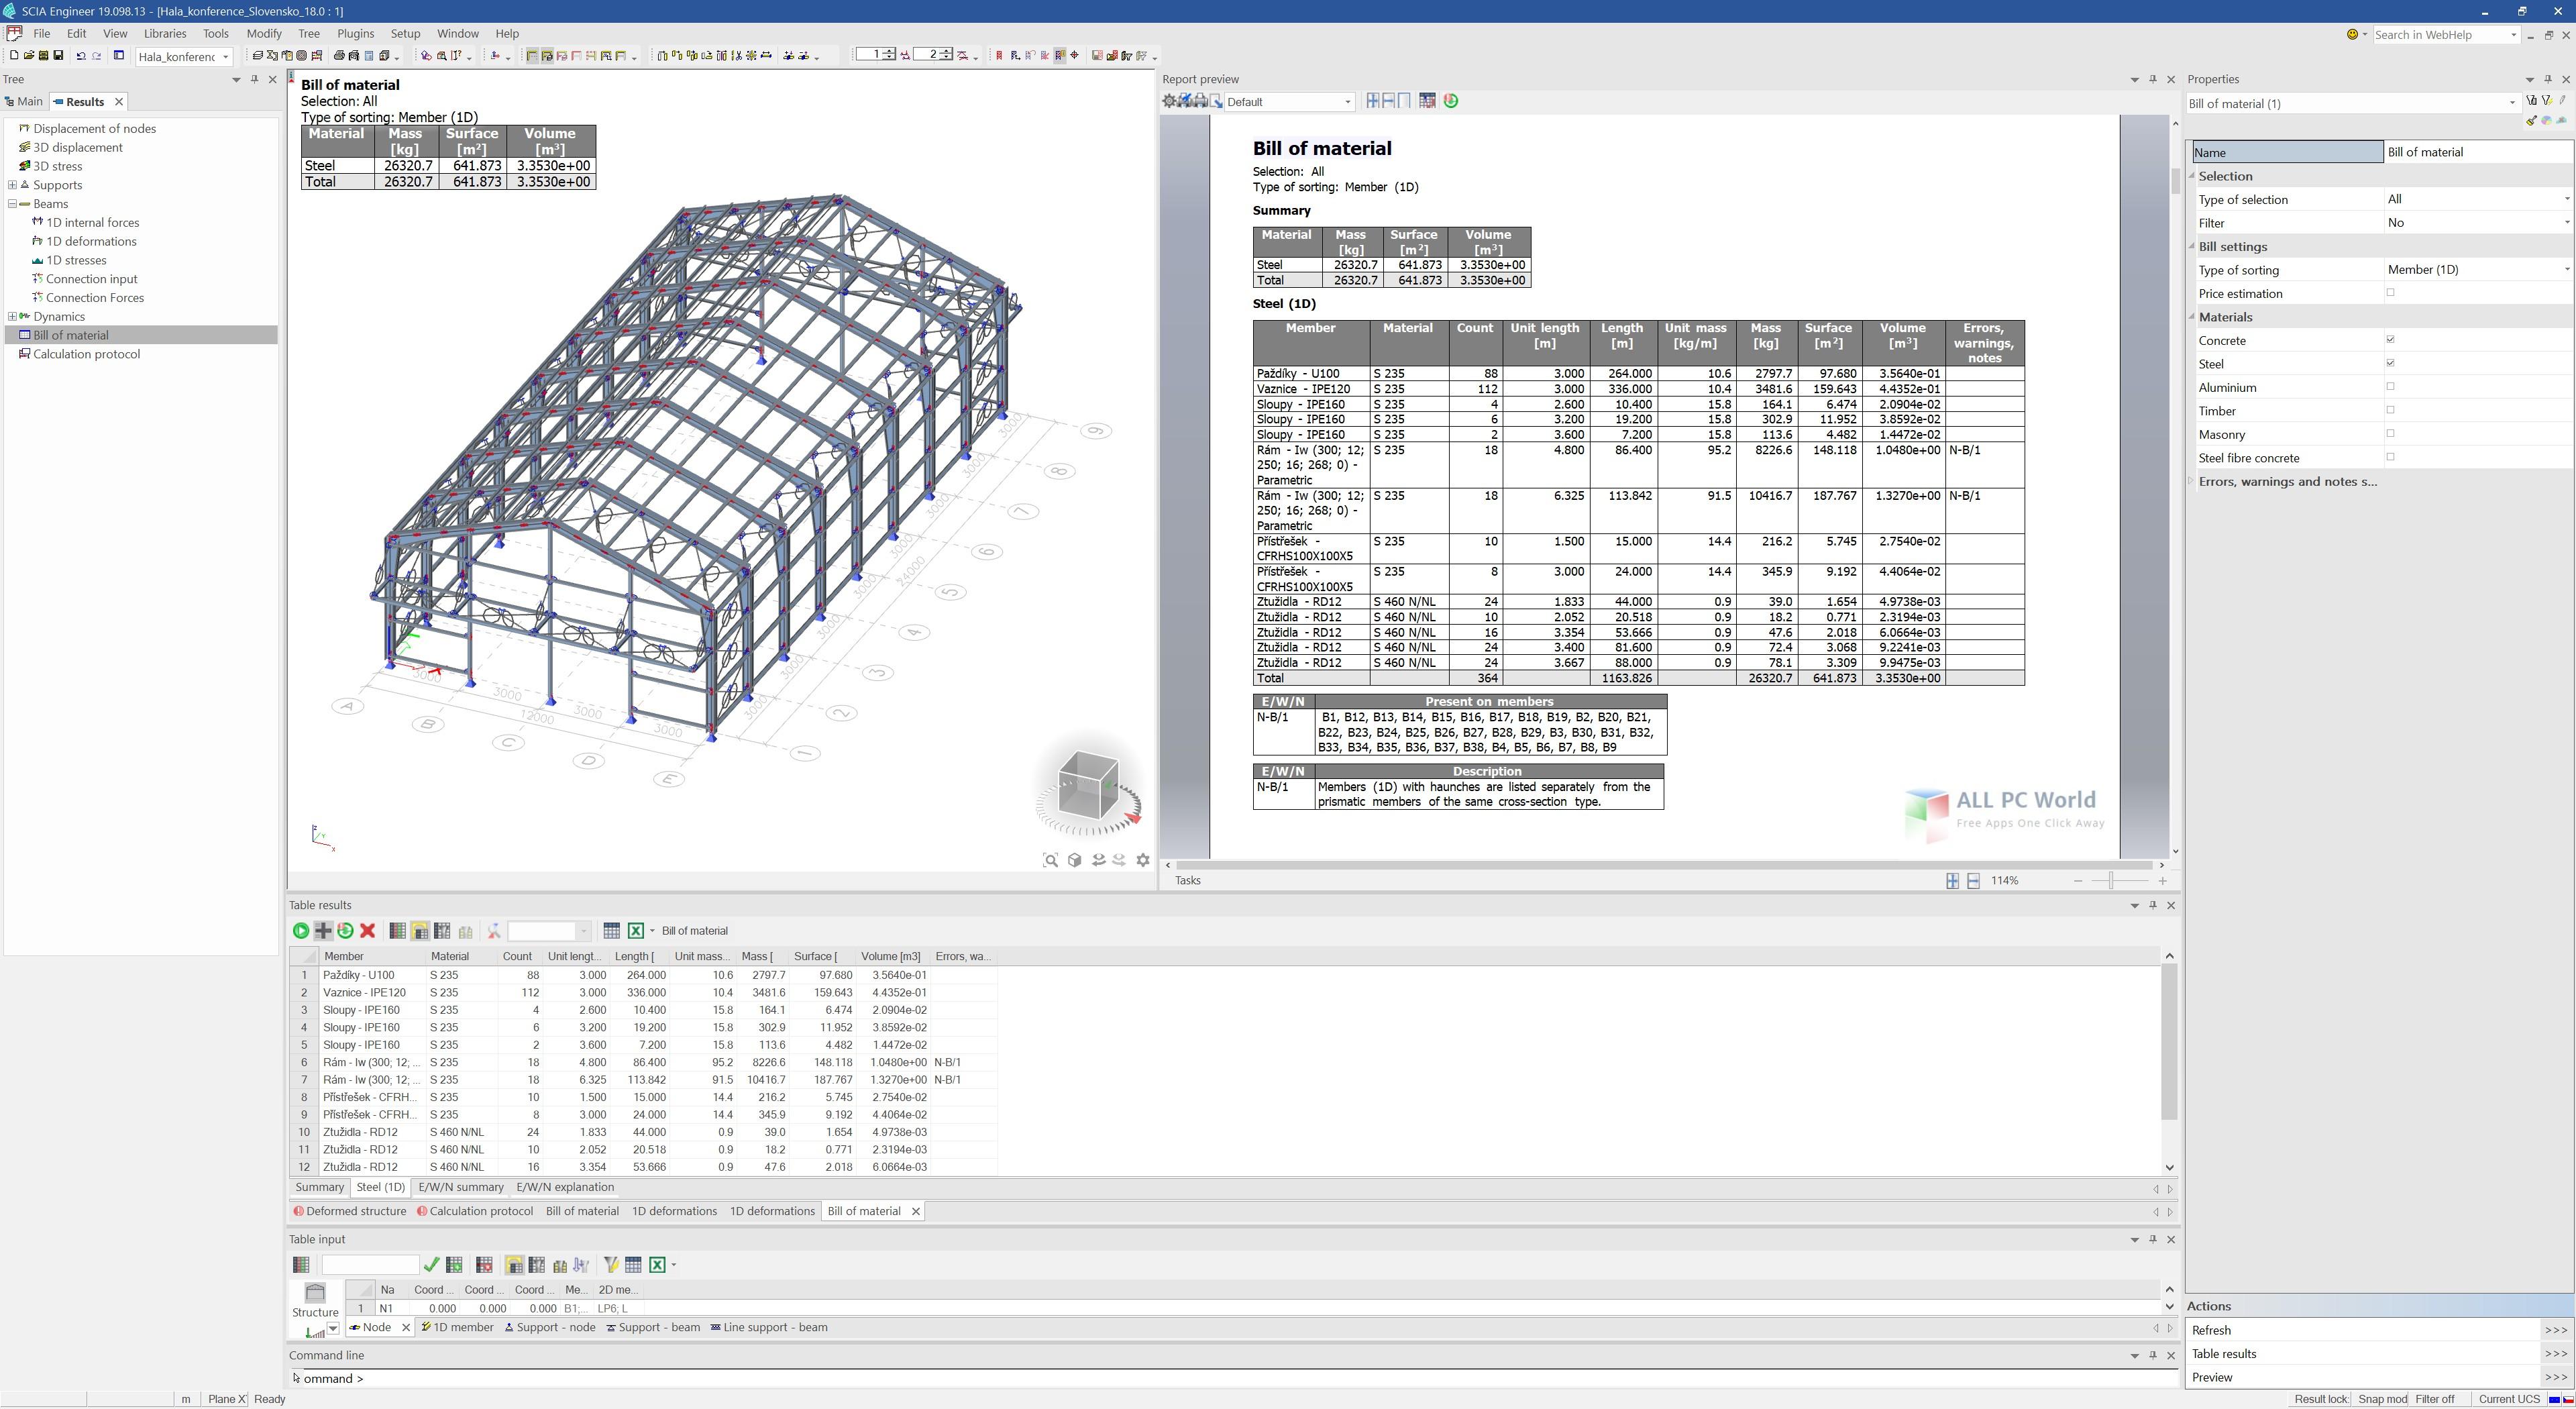 Nemetschek SCIA Engineer 2018 v18.1 Free Download